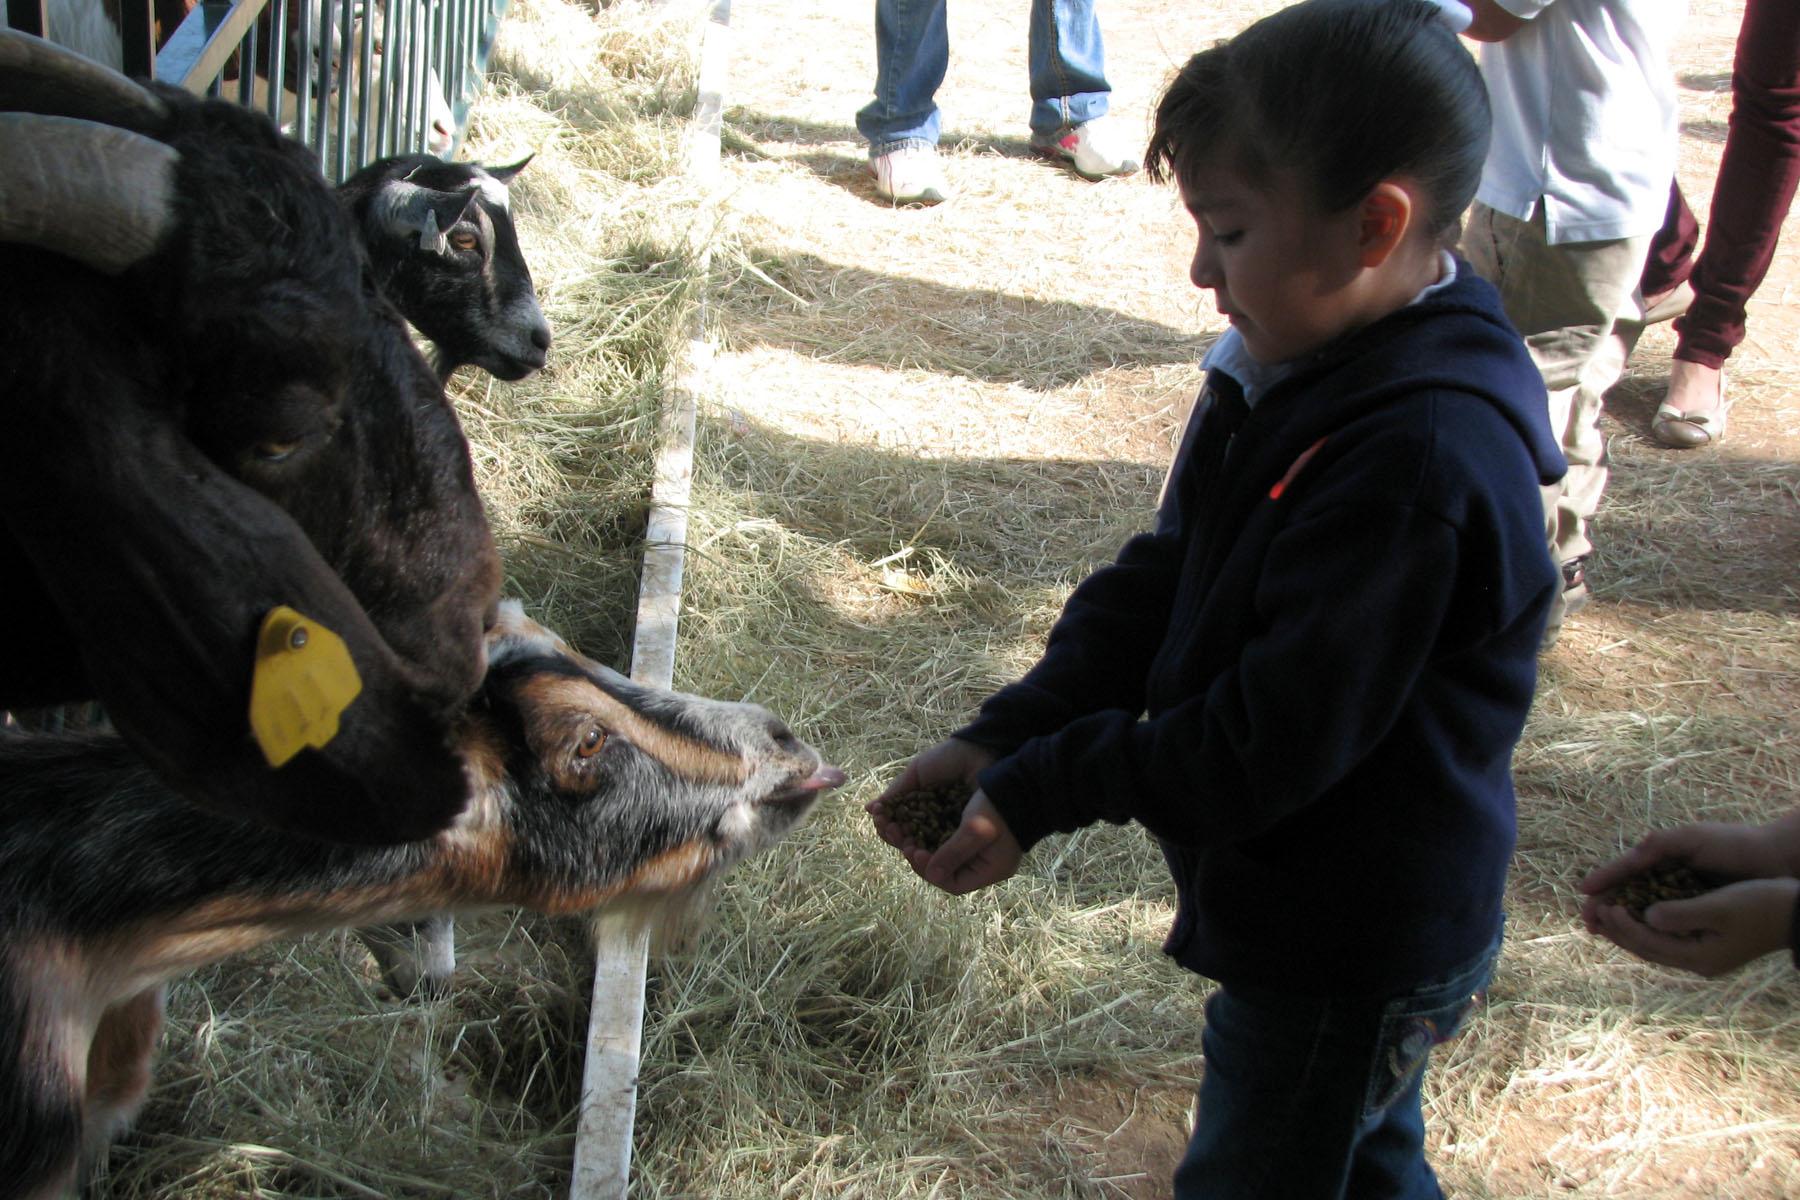 Green Meadows Farm feeding goat